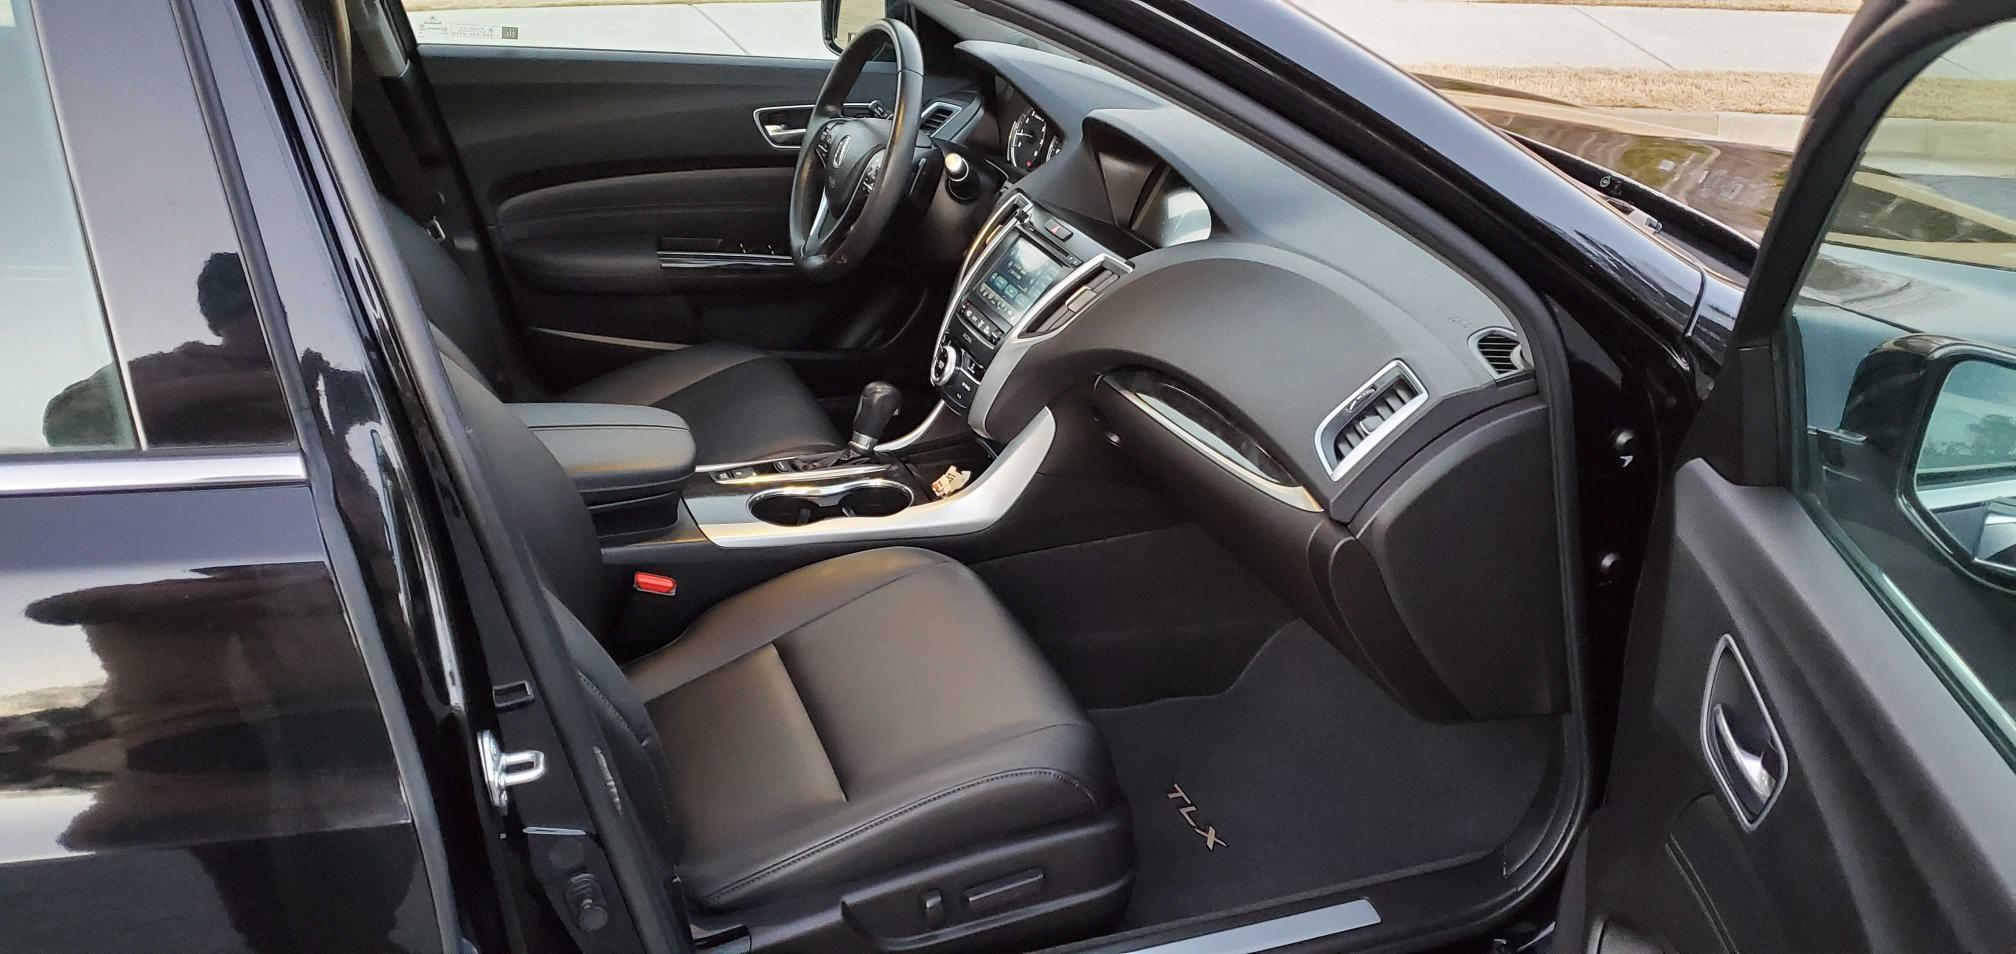 пригнать из сша 2018 Acura Tlx 2.4L 19UUB1F35JA003105